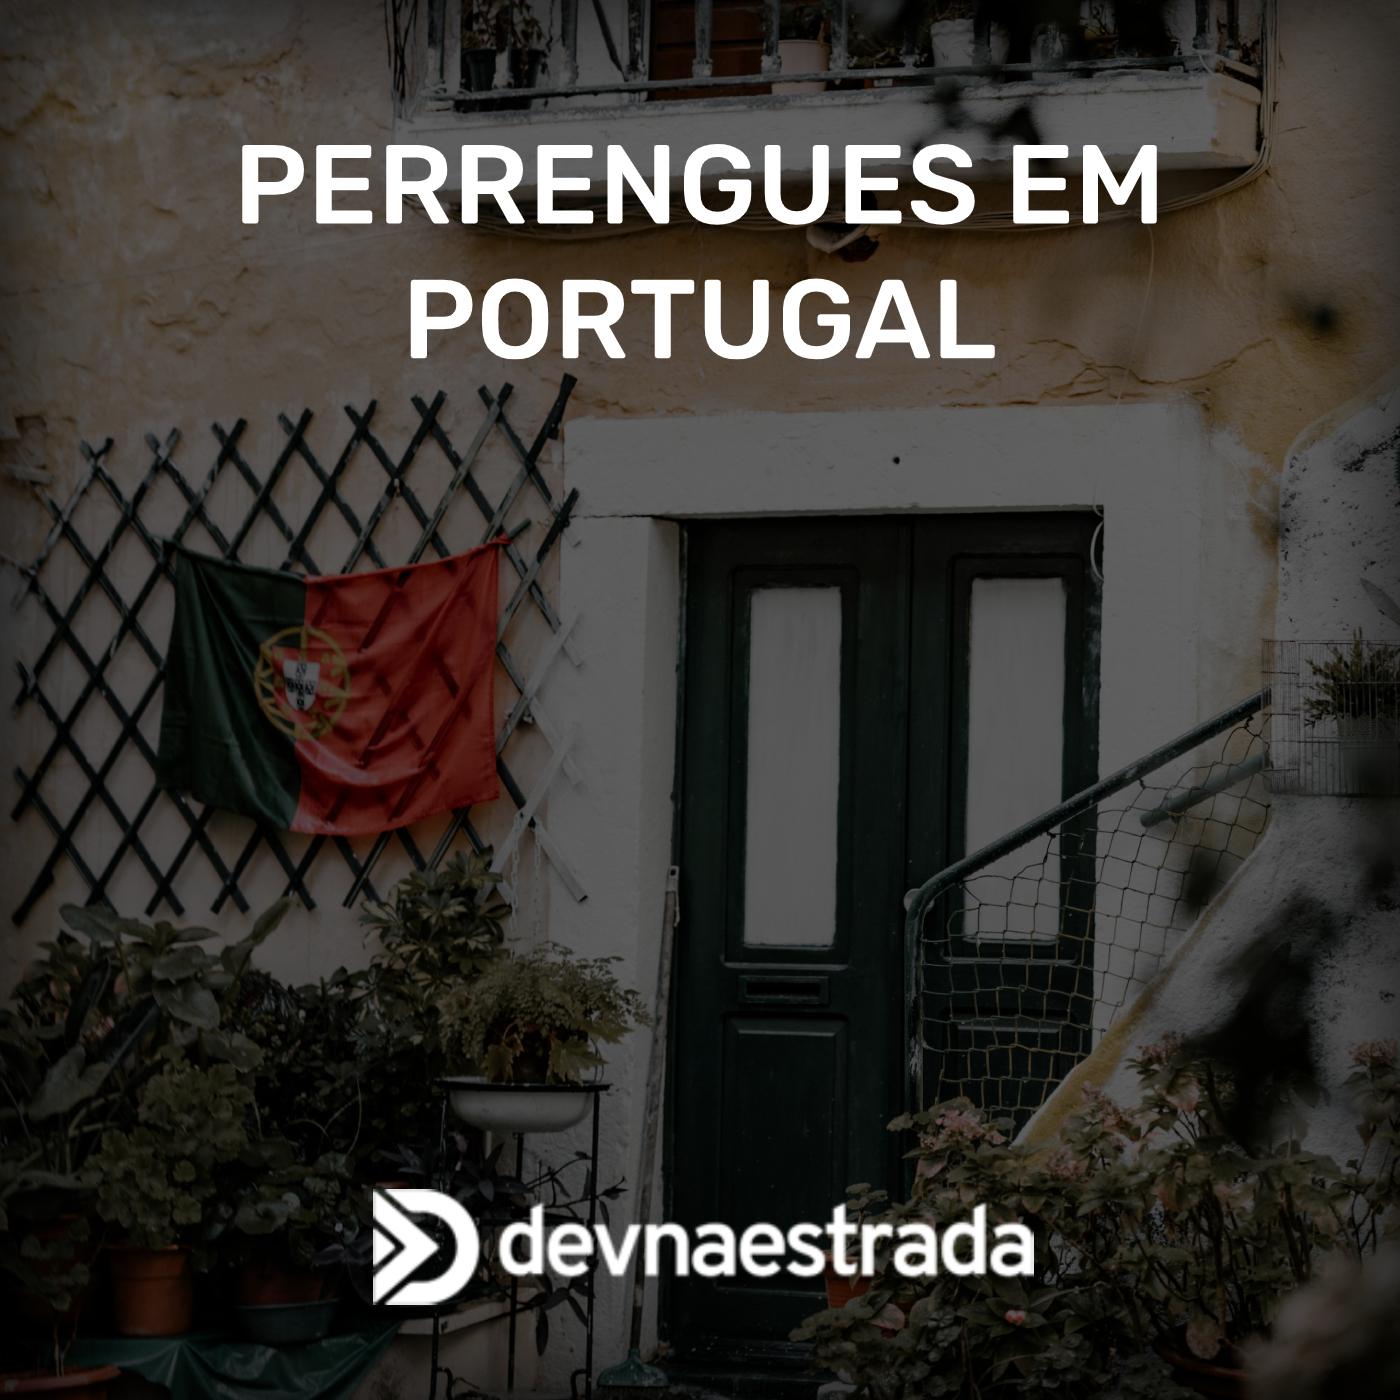 Perrengues em Portugal